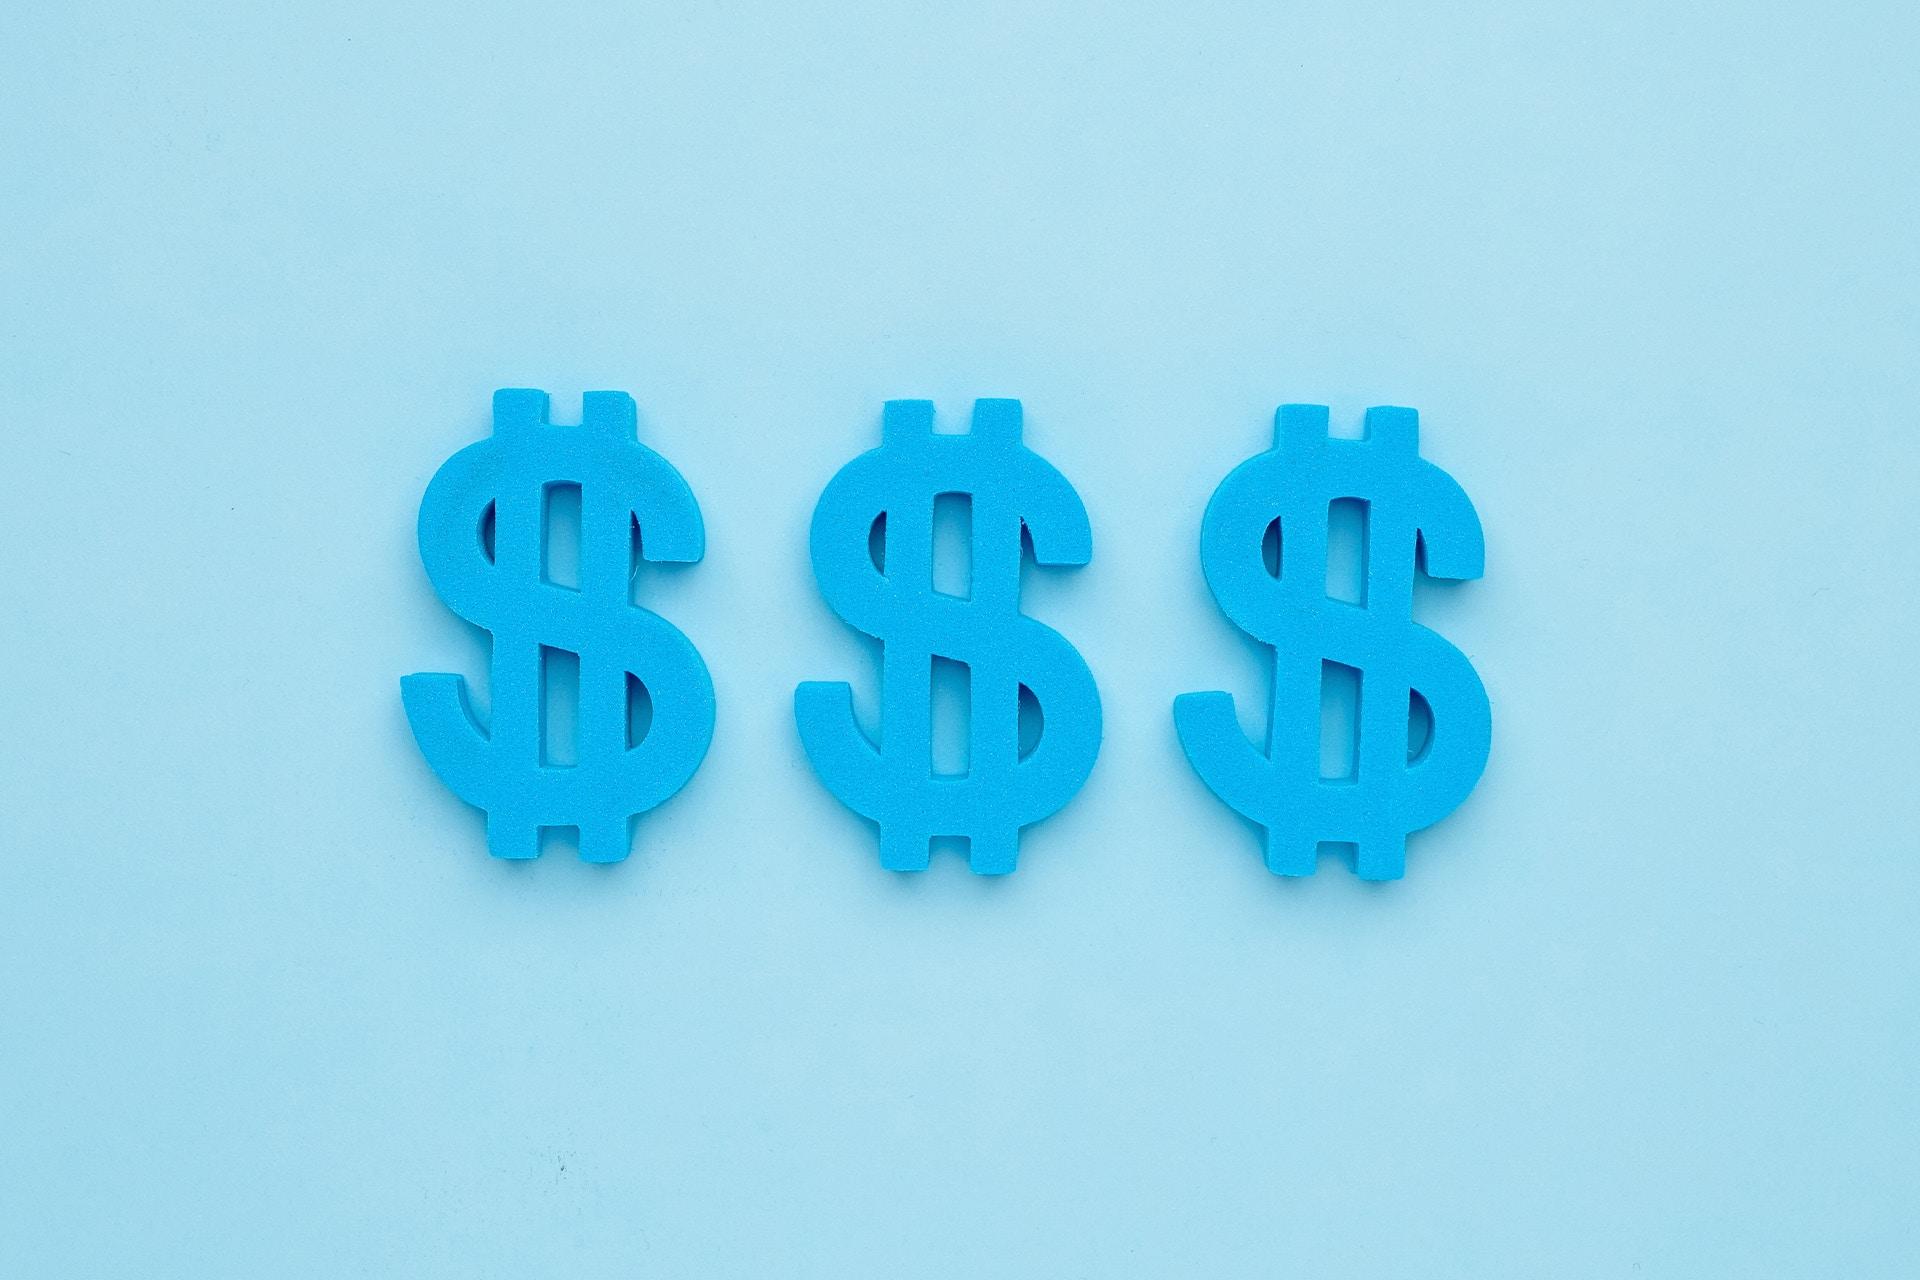 Trois signes de dollar américain bleu sur fond bleu. Les signes dollar représentent les revenus que votre équipe marketing pourrait générer via les publicités Facebook.